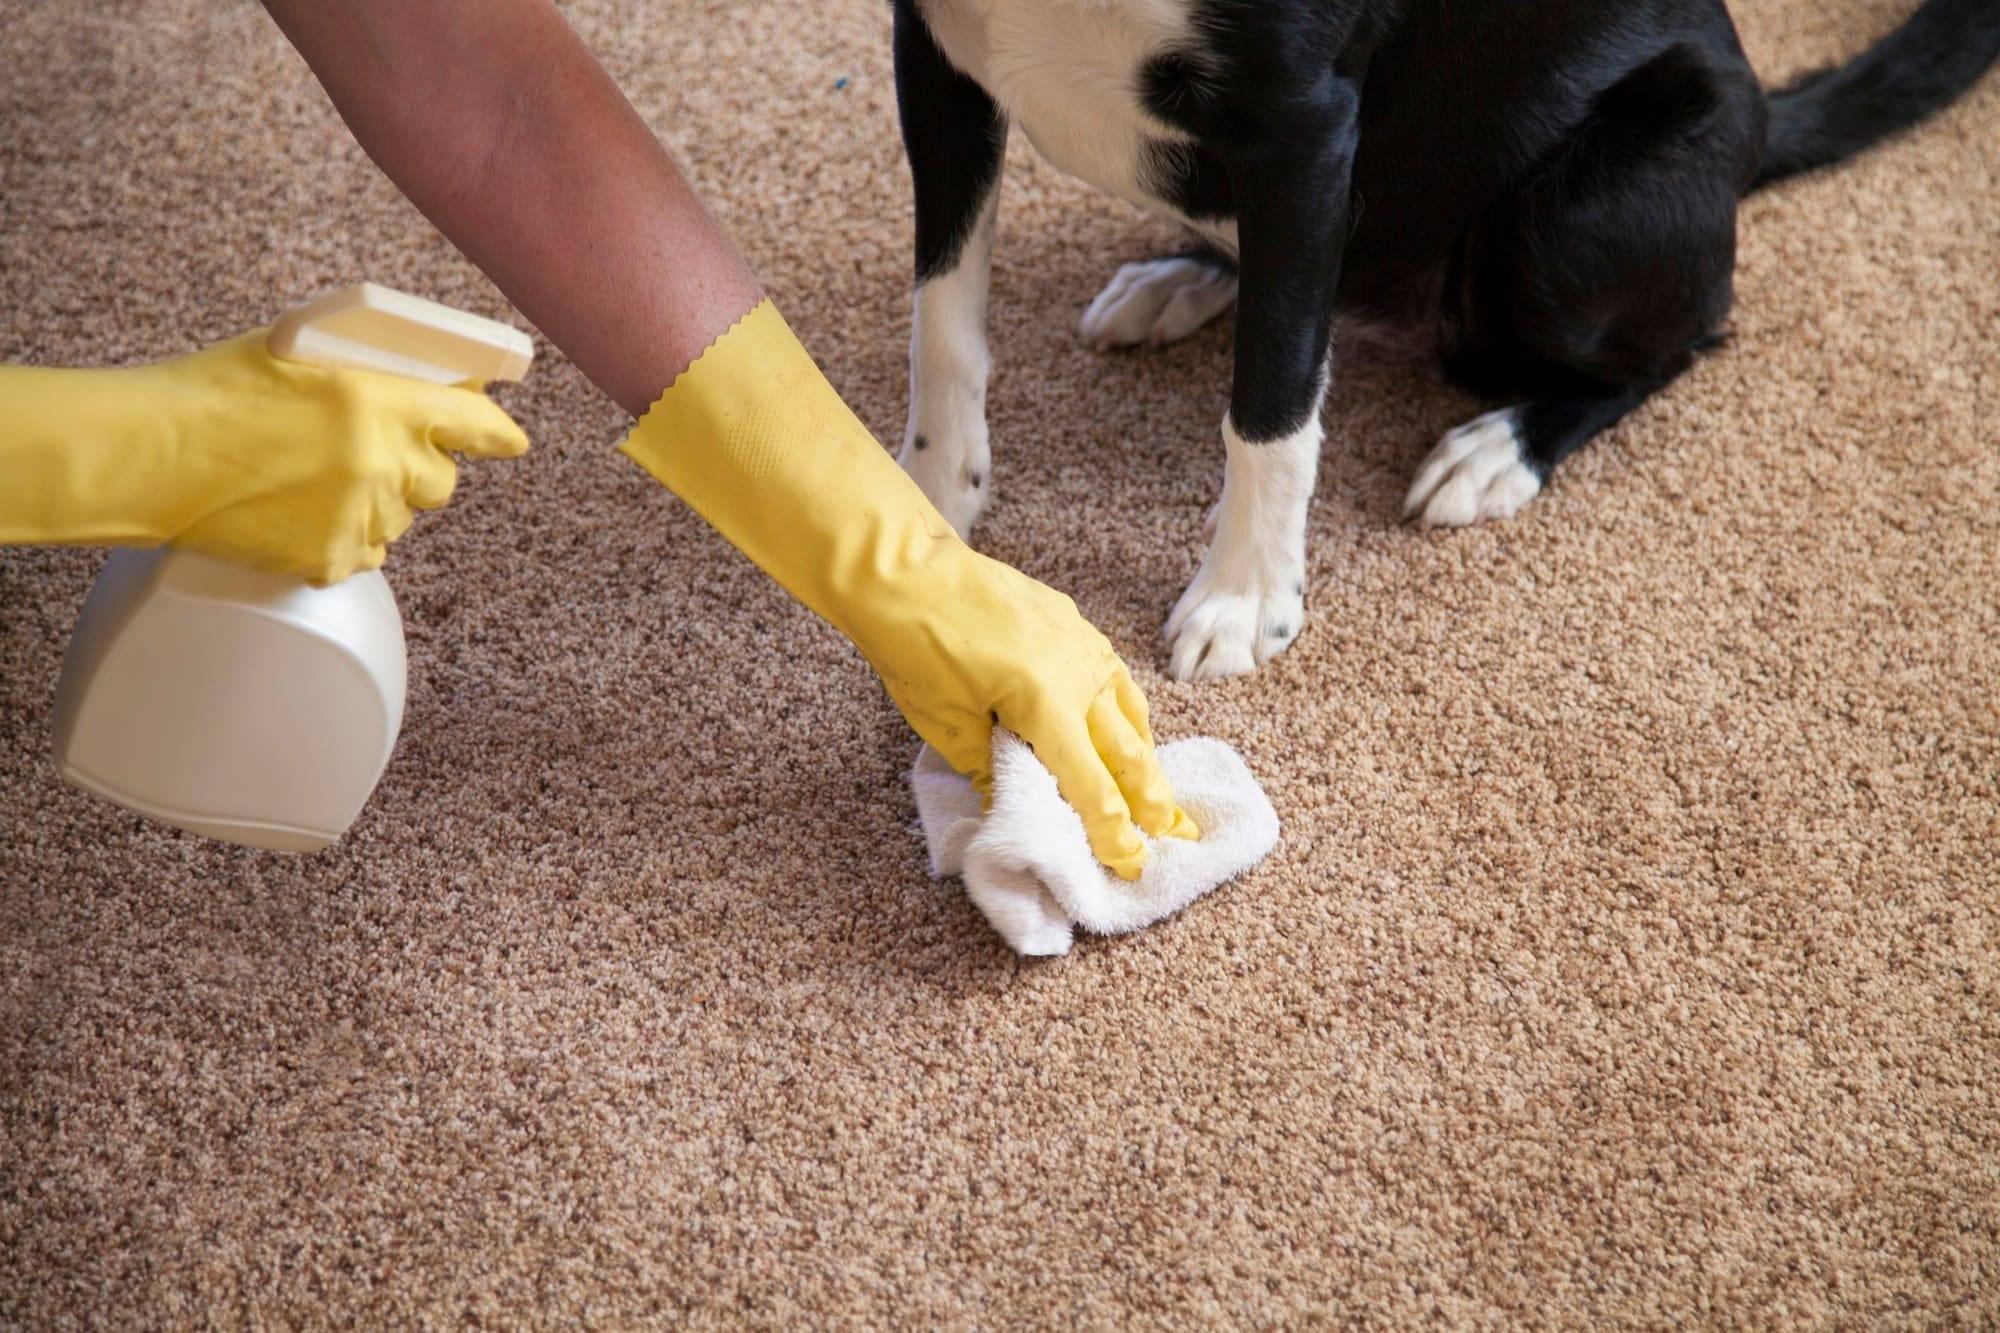 Как быстро избавиться от запаха кошачьей мочи и предотвратить причину